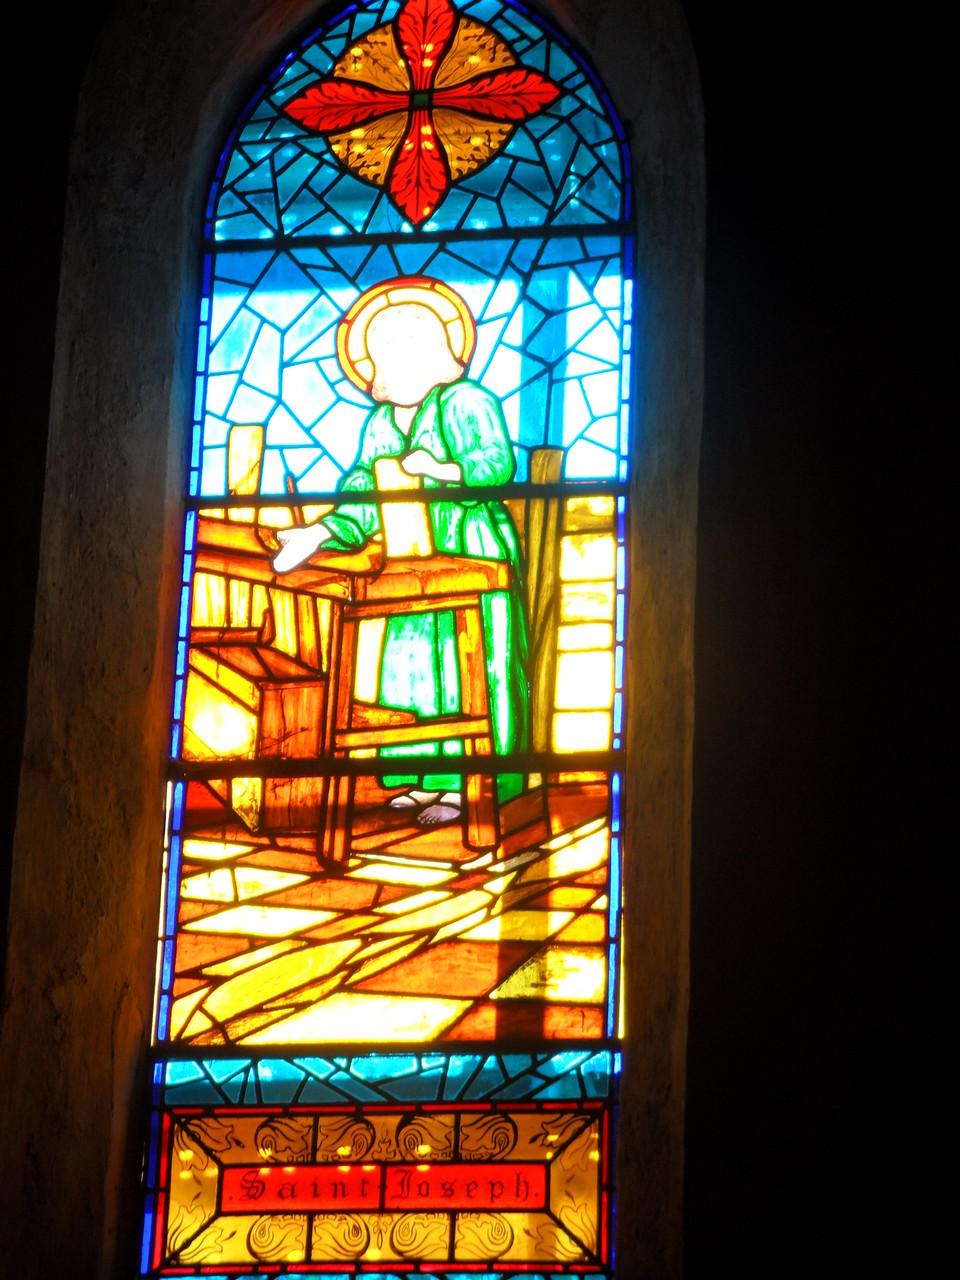 Restauration Vitrail de St Joseph - St Etienne de Gourgas 34